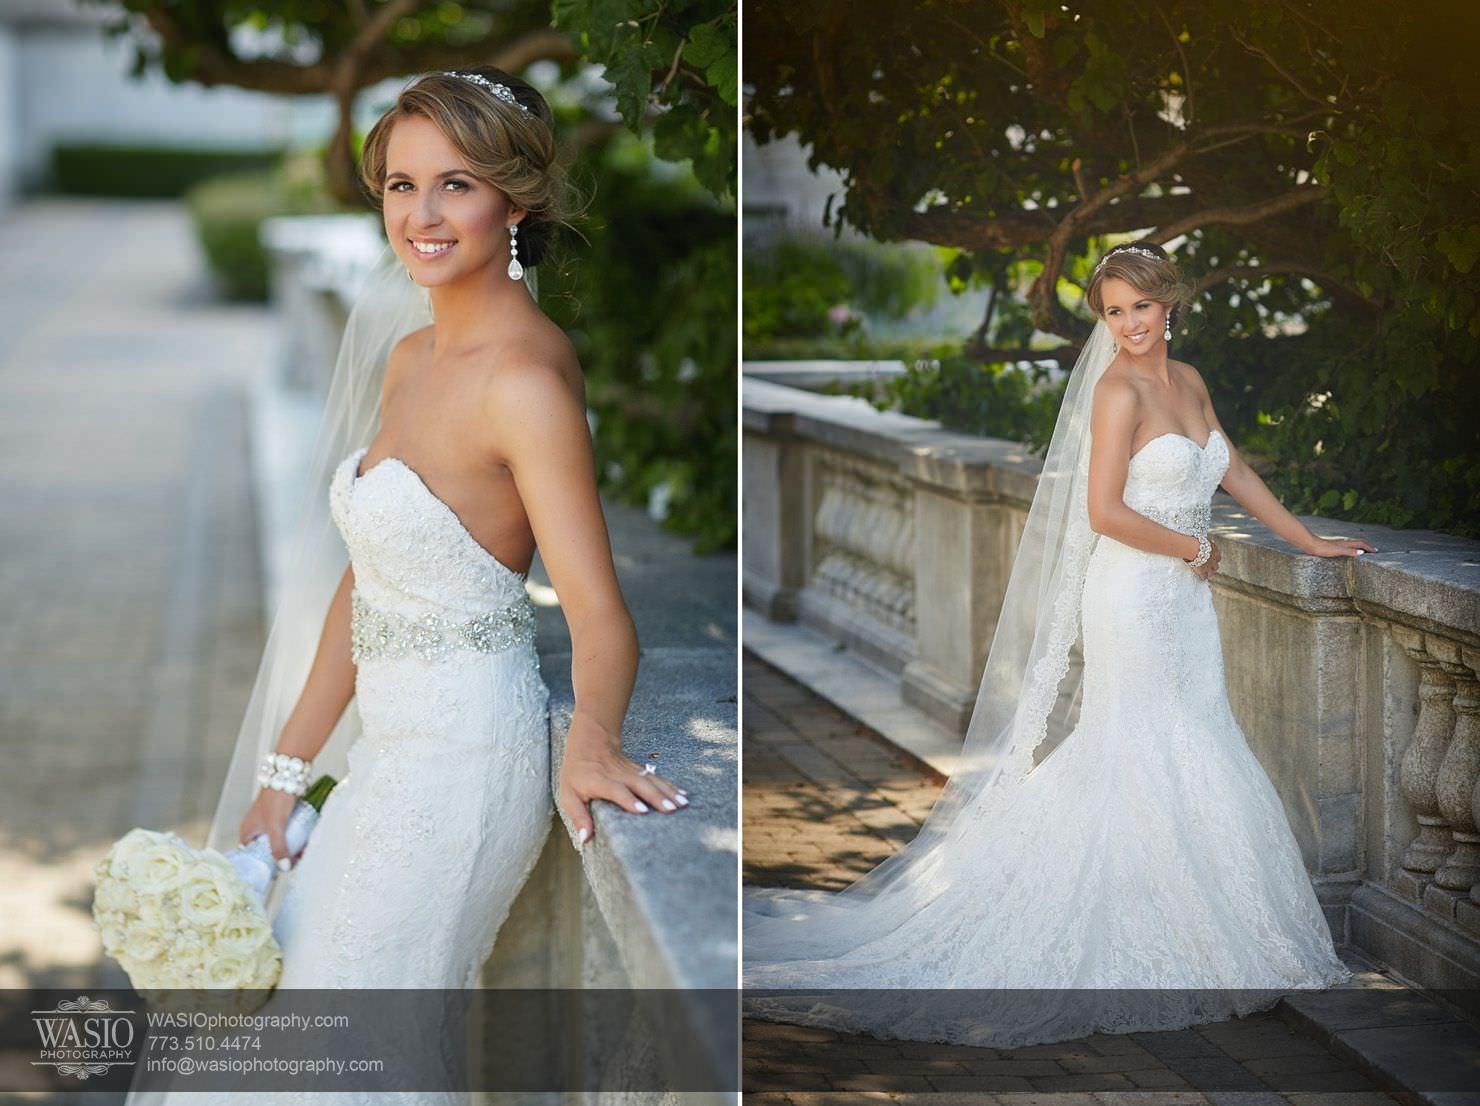 24_Chicago-Summer-Wedding_21_Angelica_angelica Chicago Summer Wedding - Angelica & Pawel